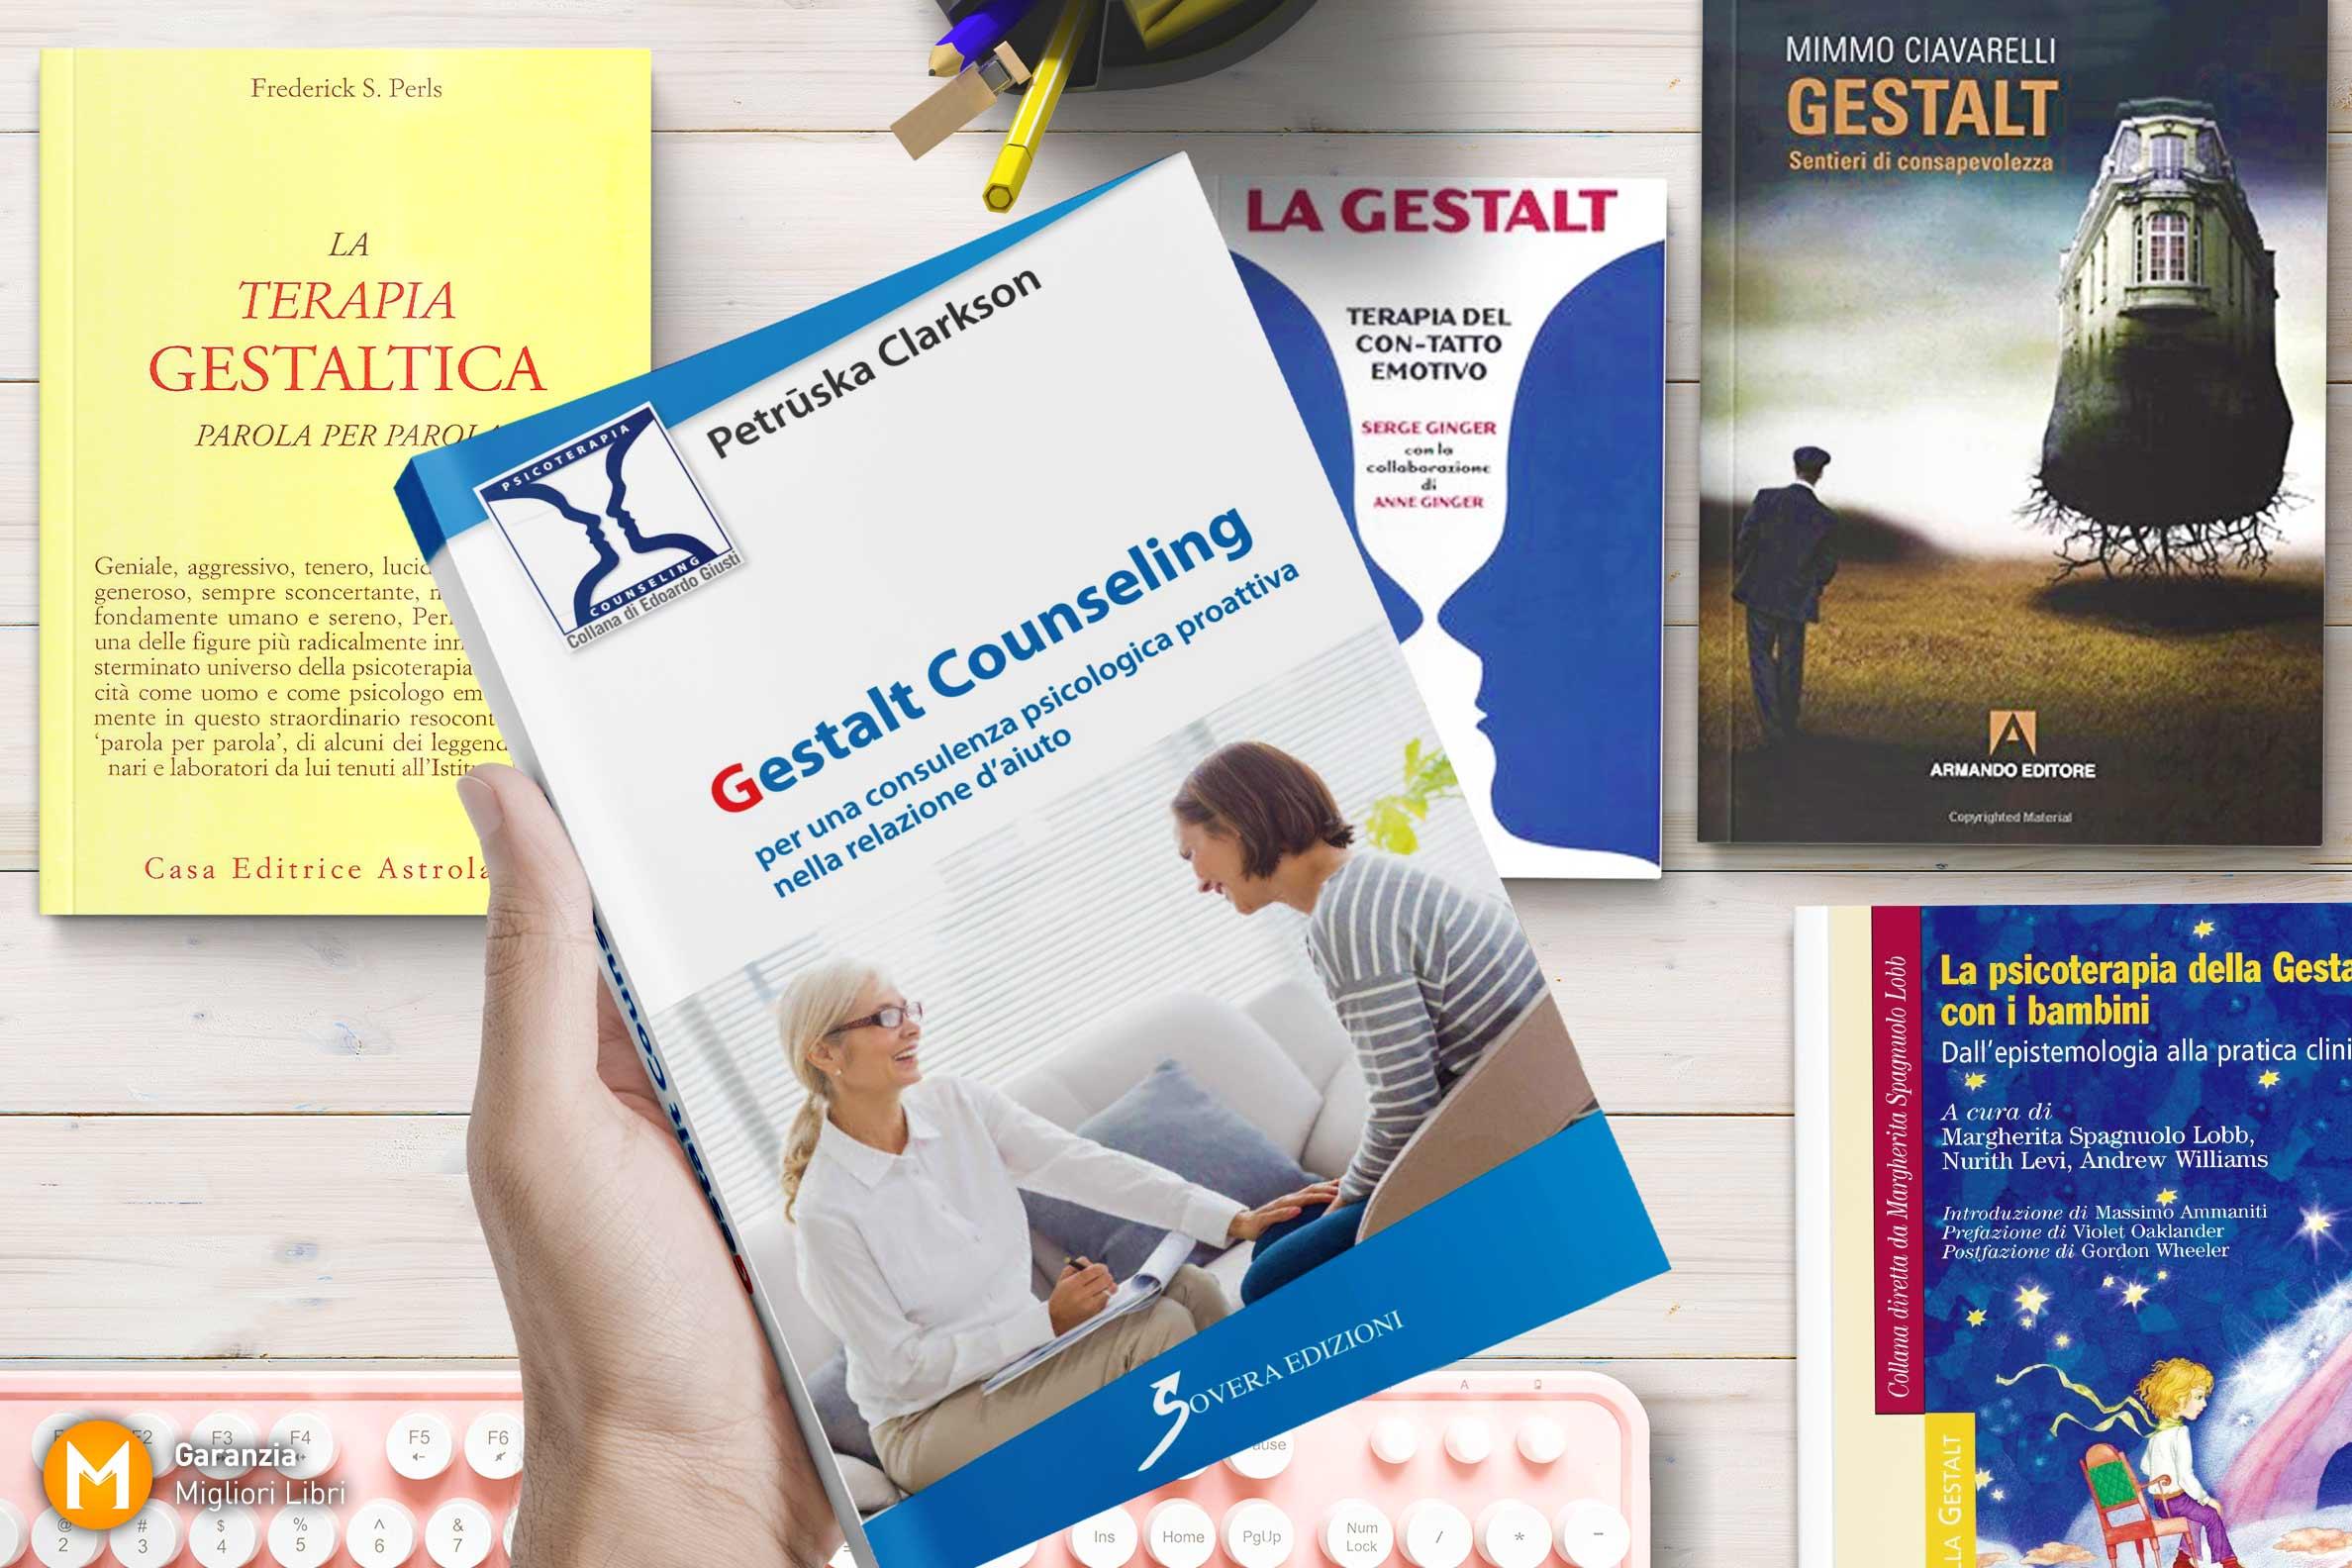 migliori-libri-sulla-gestalt